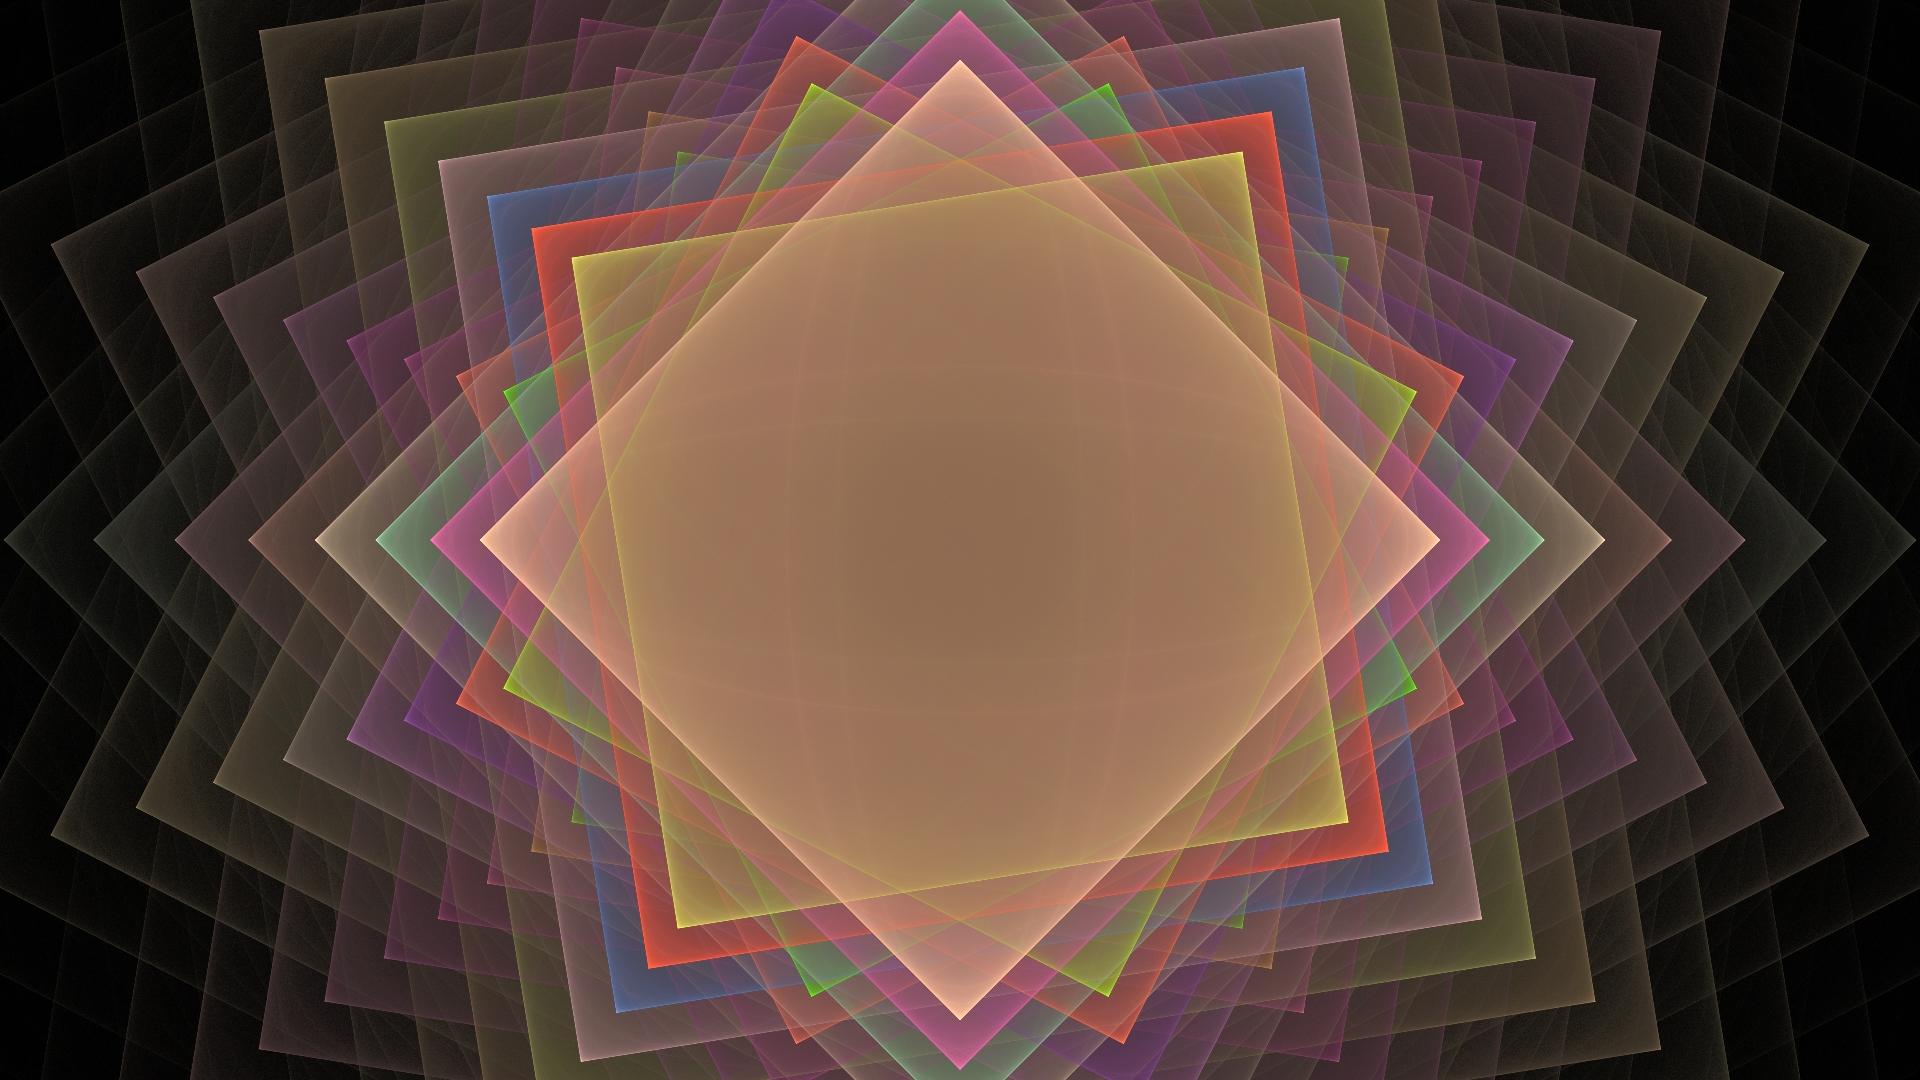 картинки красивого квадрата достались